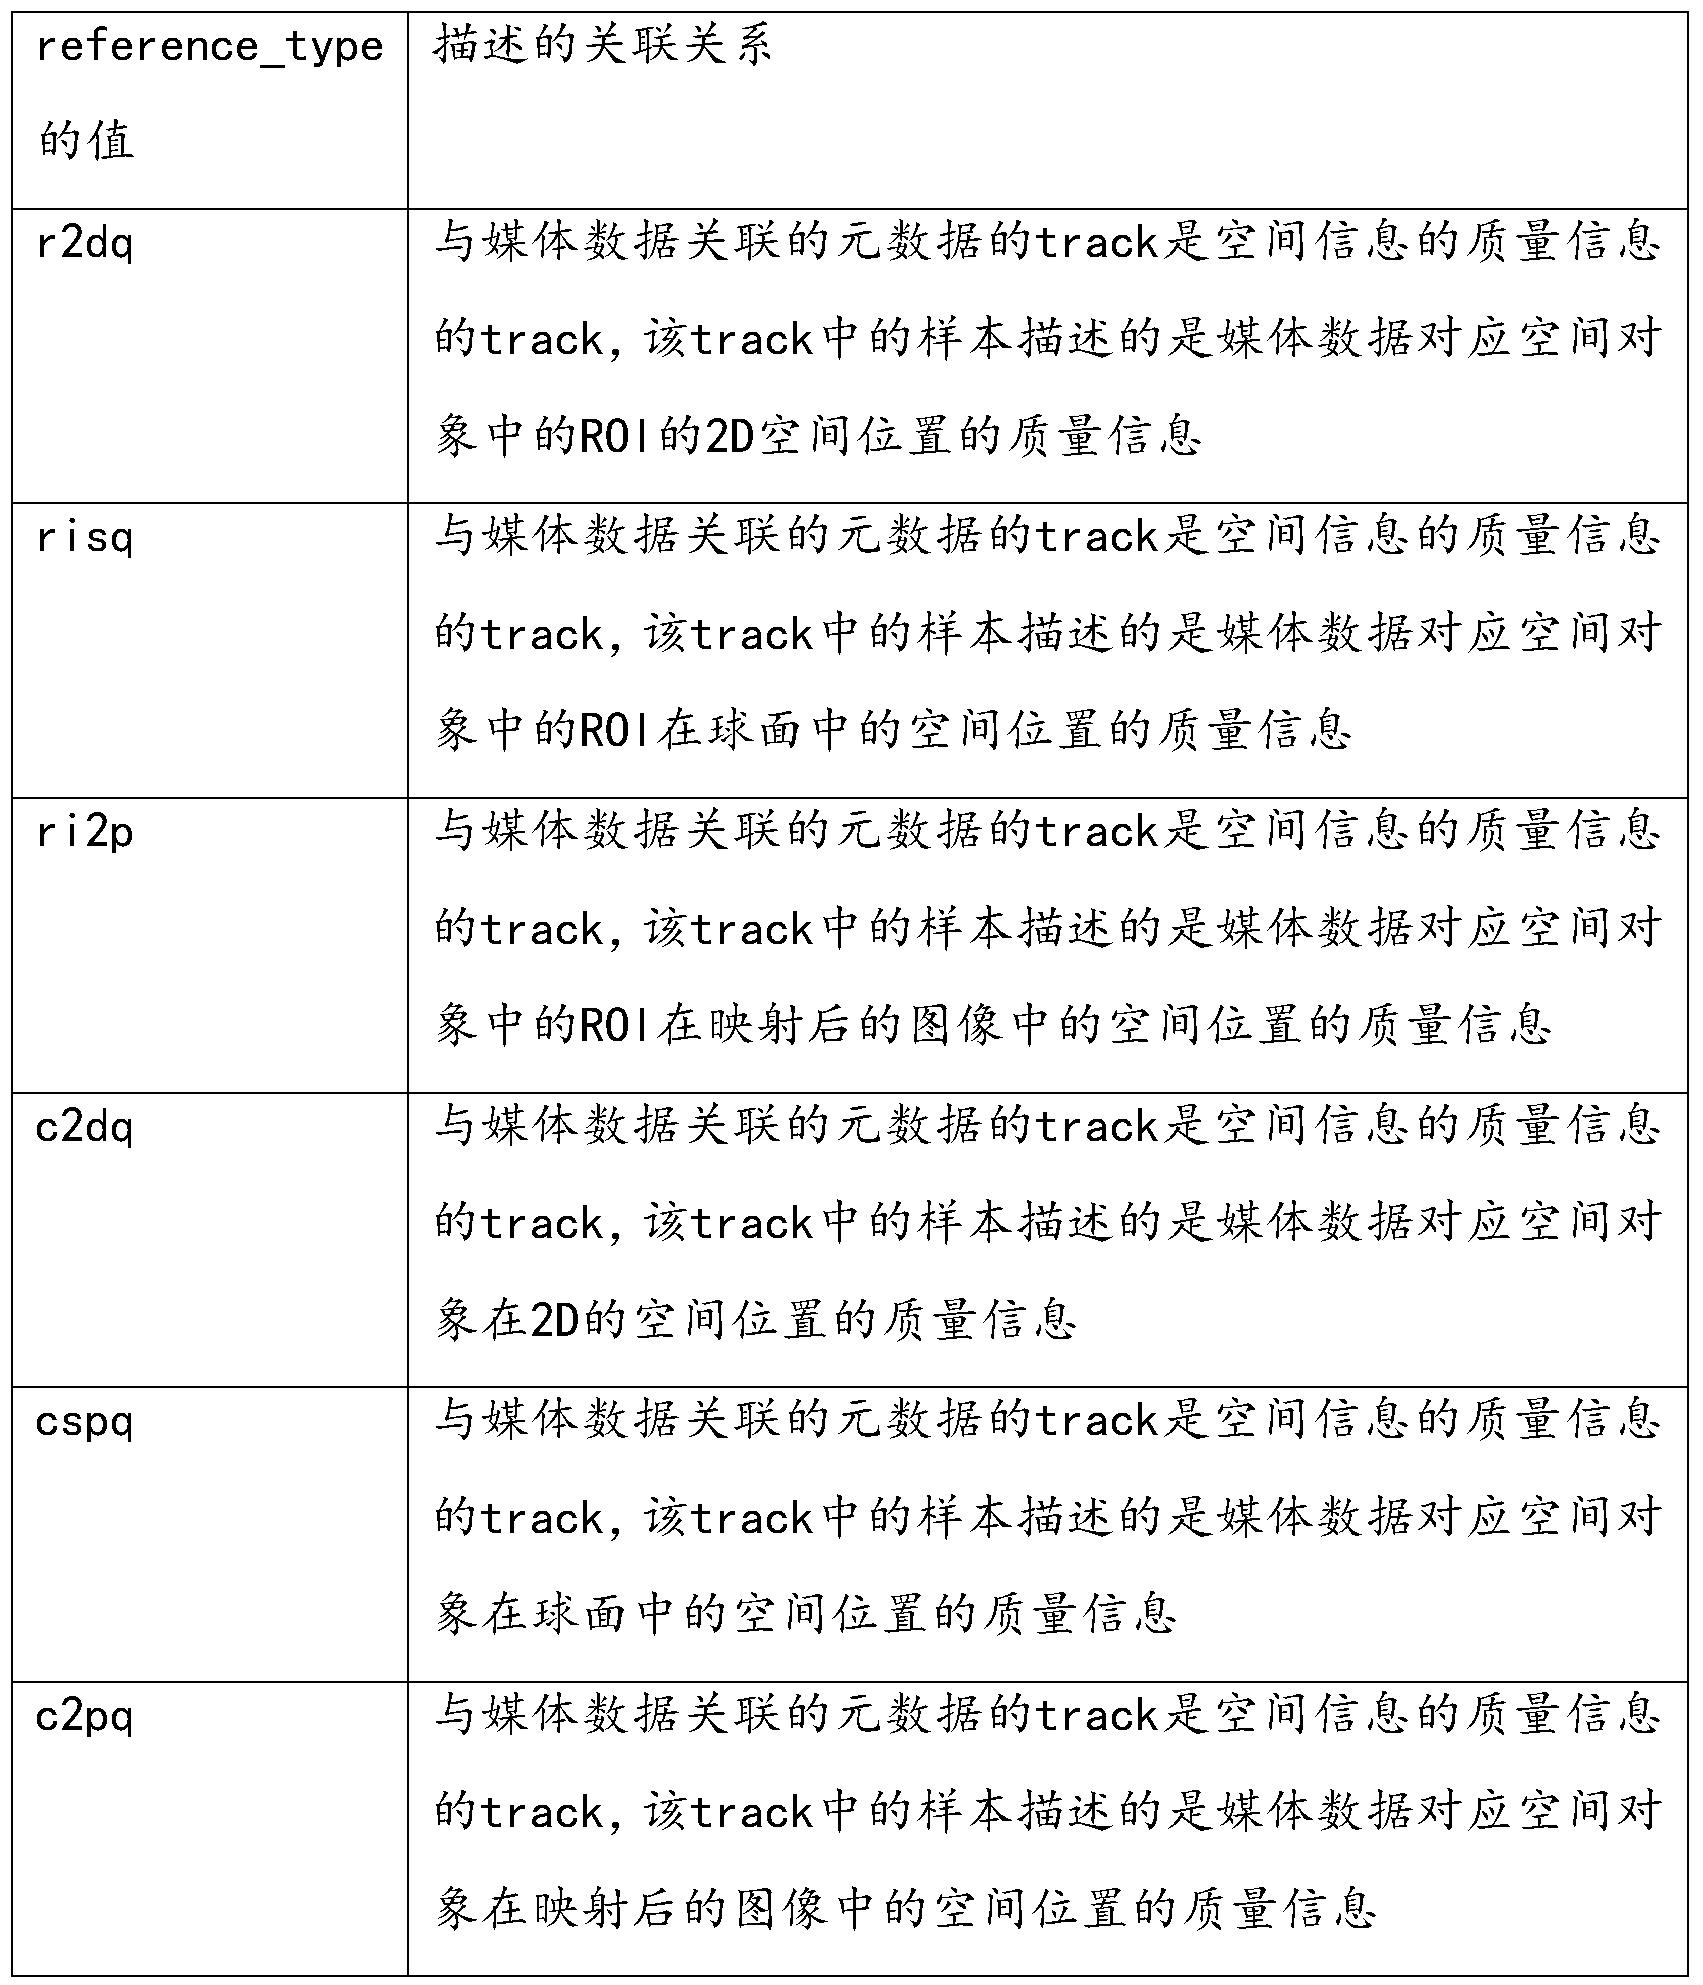 Figure PCTCN2017078585-appb-000005